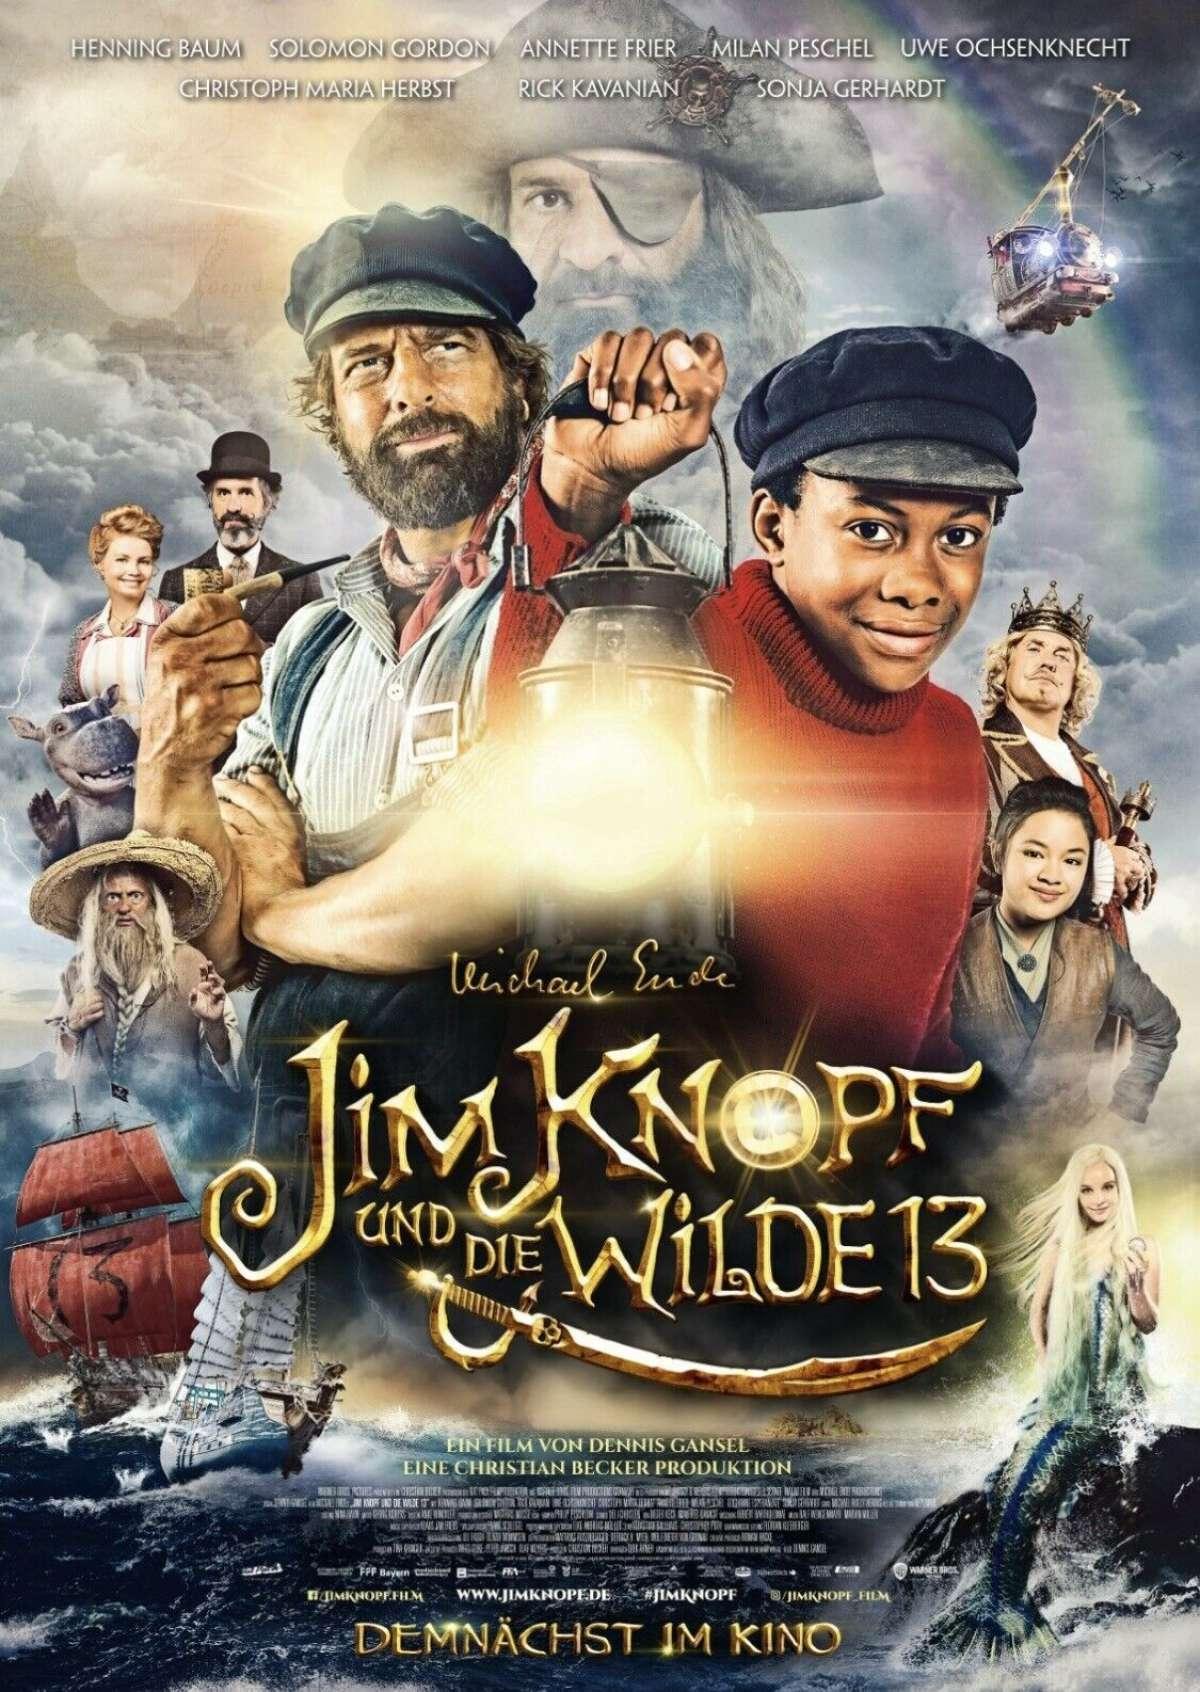 Jim Knopf und die Wilde 13 - Cineplex  - Baunatal